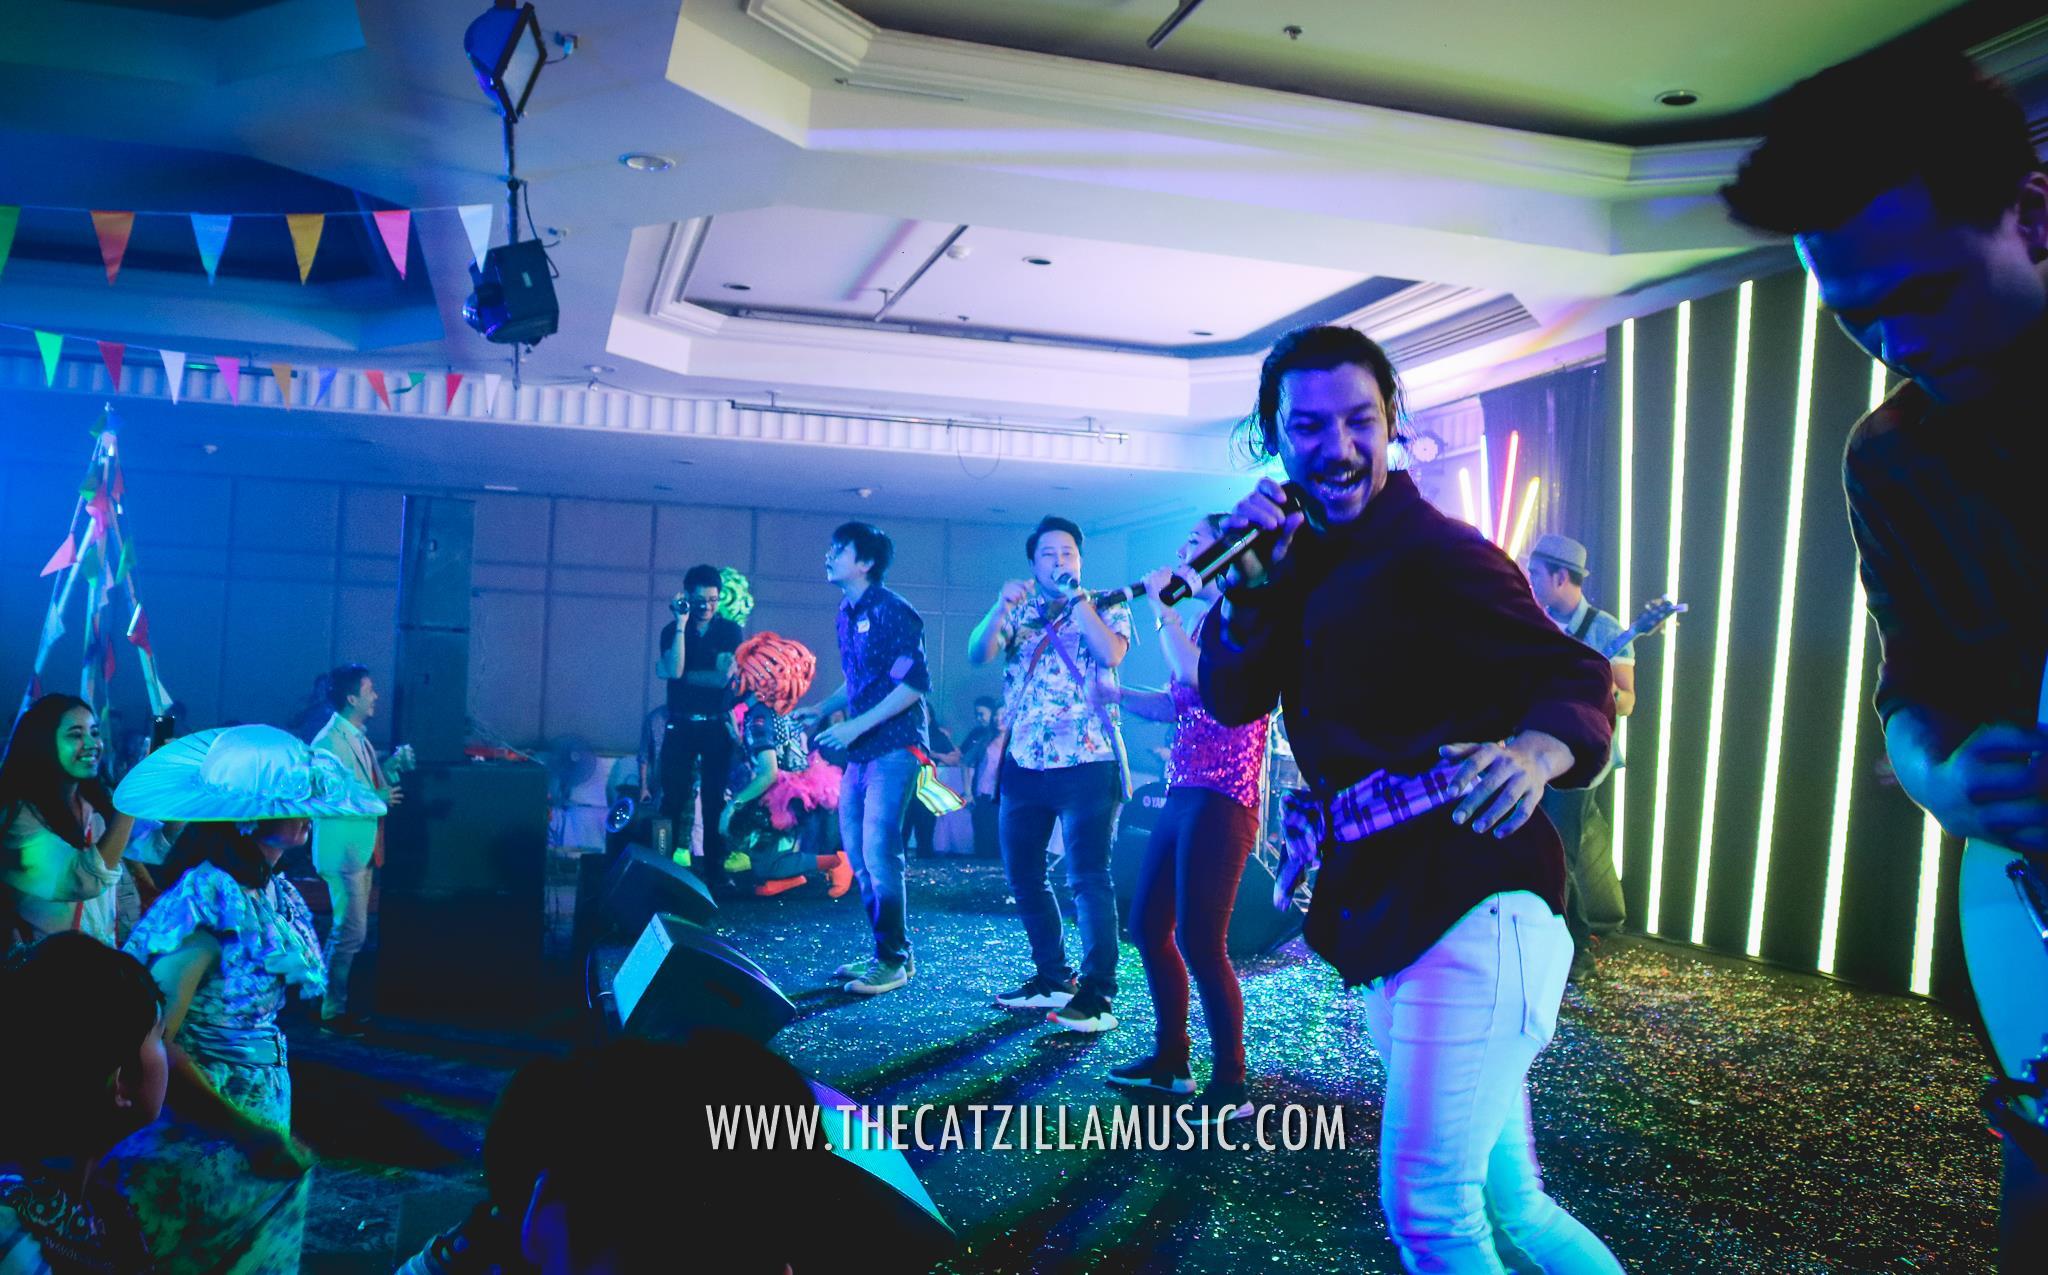 บุ๋นแบนด์-วงดนตรี งานเลี้ยง-งานแต่ง-Catzilla-วงดนตรีเล่นสด-จ้างวงดนตรีงานแต่ง-วงดนตรี After Party-วงดนตรี งานเลี้ยง ปีใหม่-ติดต่อ วงดนตรี-วงดนตรีแต่งงาน-วงดนตรีแสดงสด-หาวงดนตรี-แนะนำวงดนตรีงานแต่ง